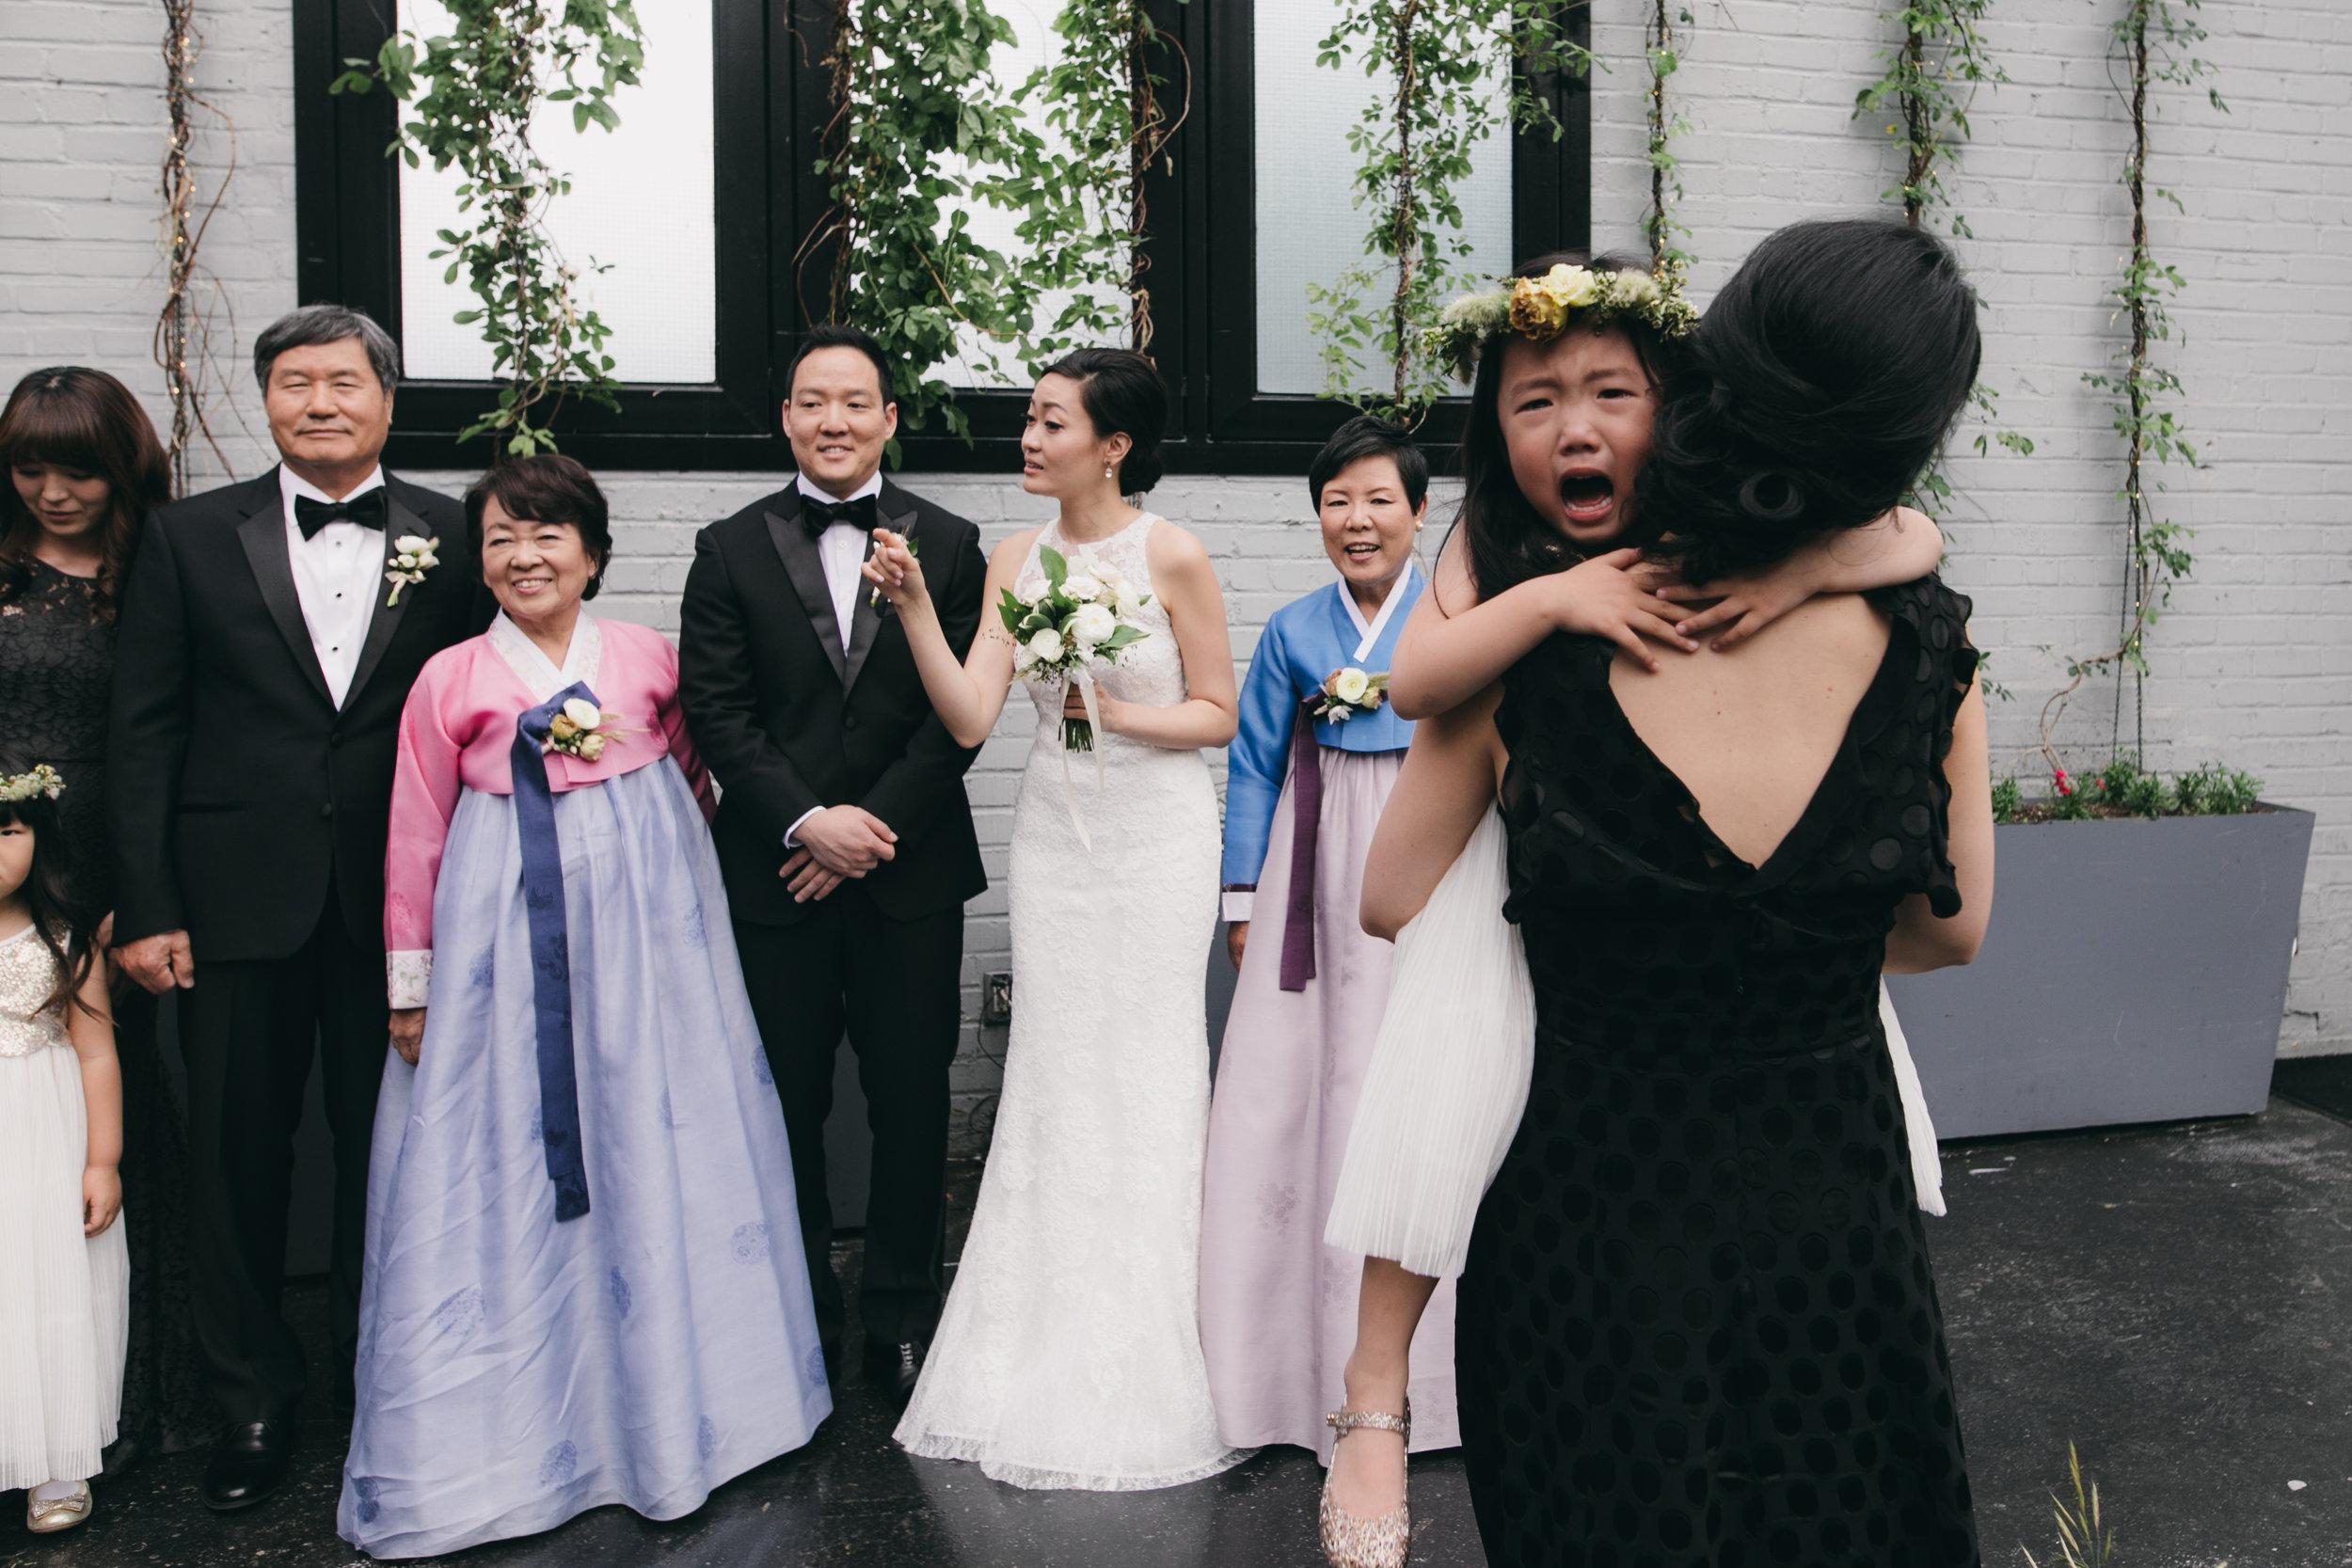 Quyn Duong 501 Union Brooklyn Wedding 0022.JPG